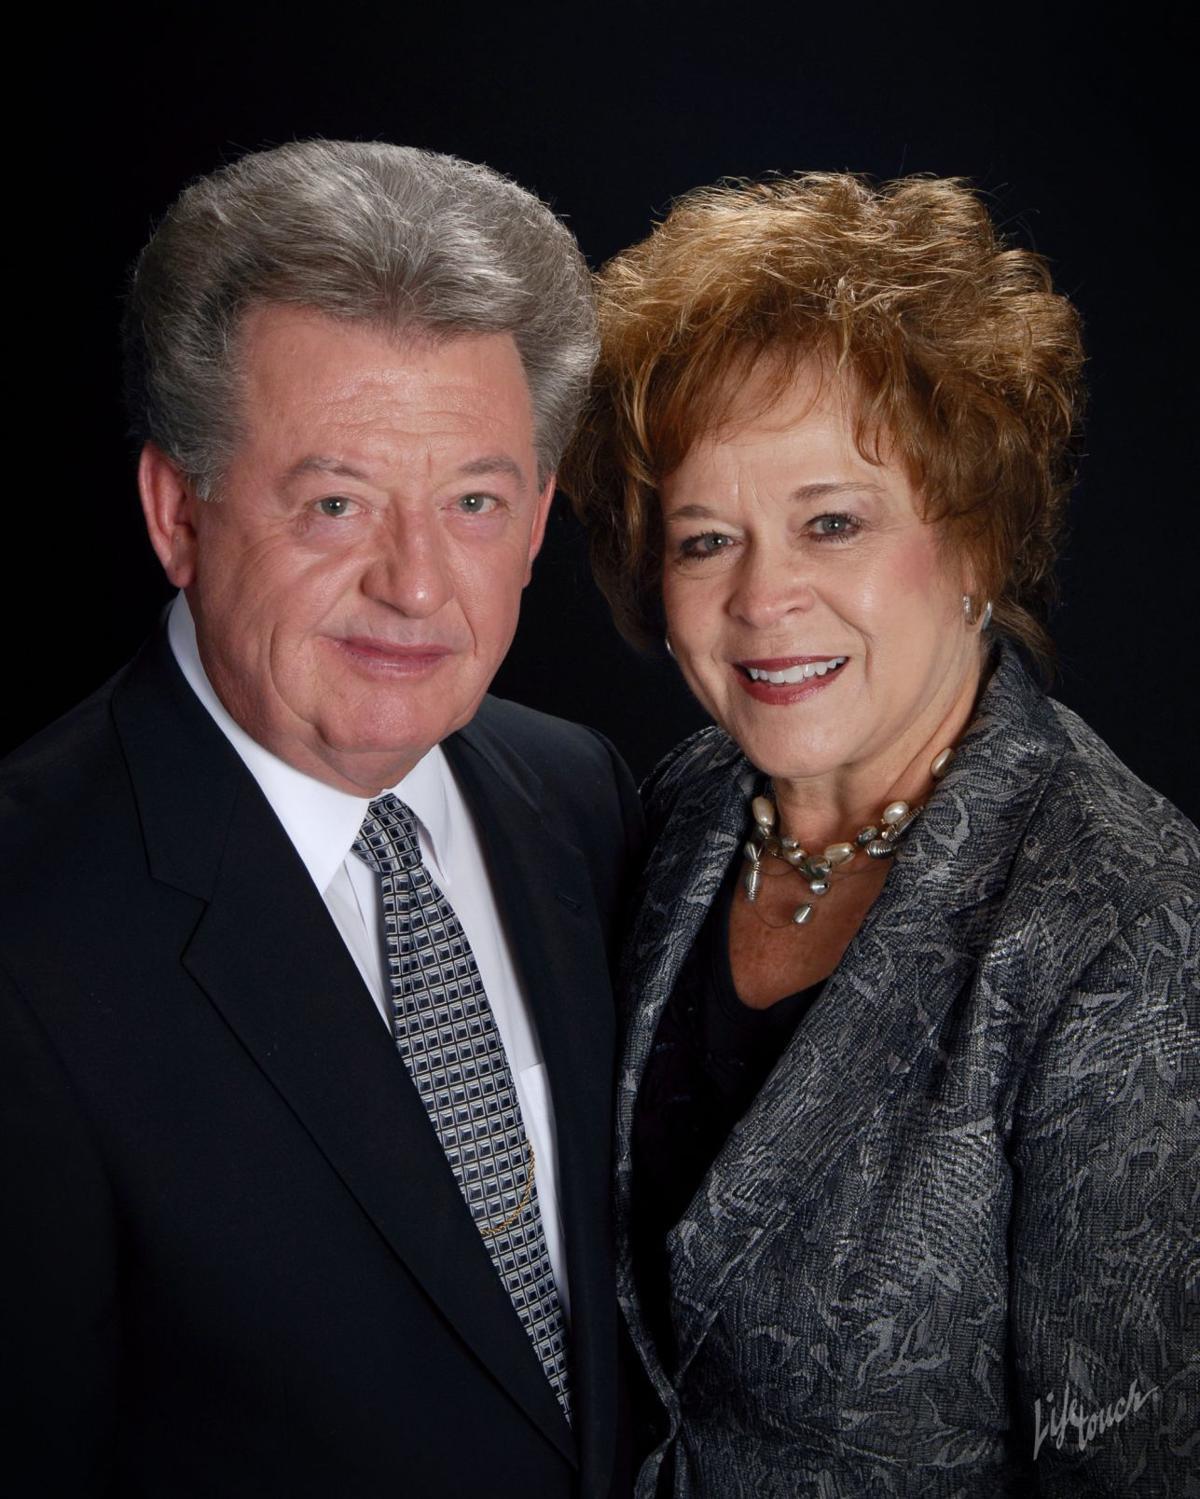 Rev. and Mrs. Gary Clark